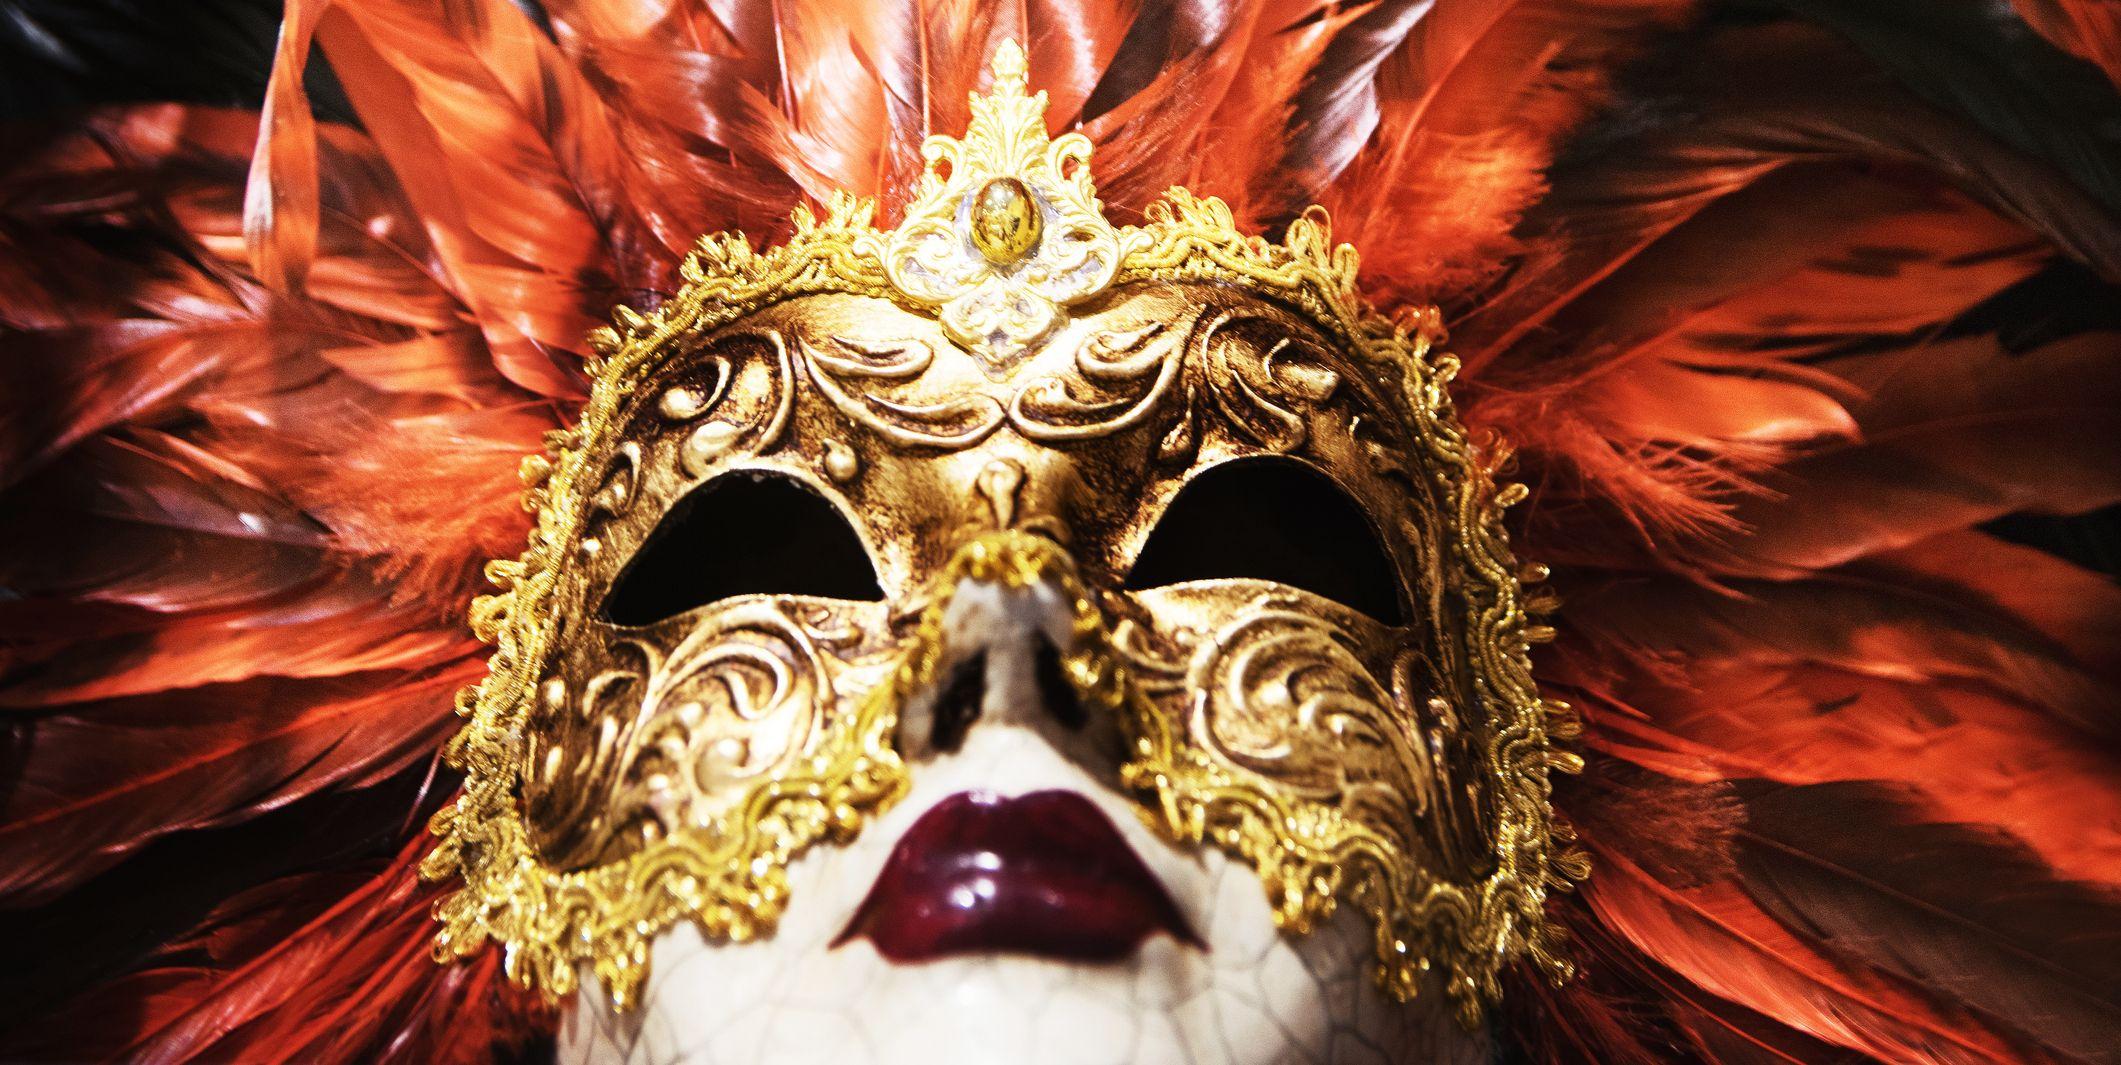 En qué se inspiran las máscaras del carnaval de Venecia? - Quo